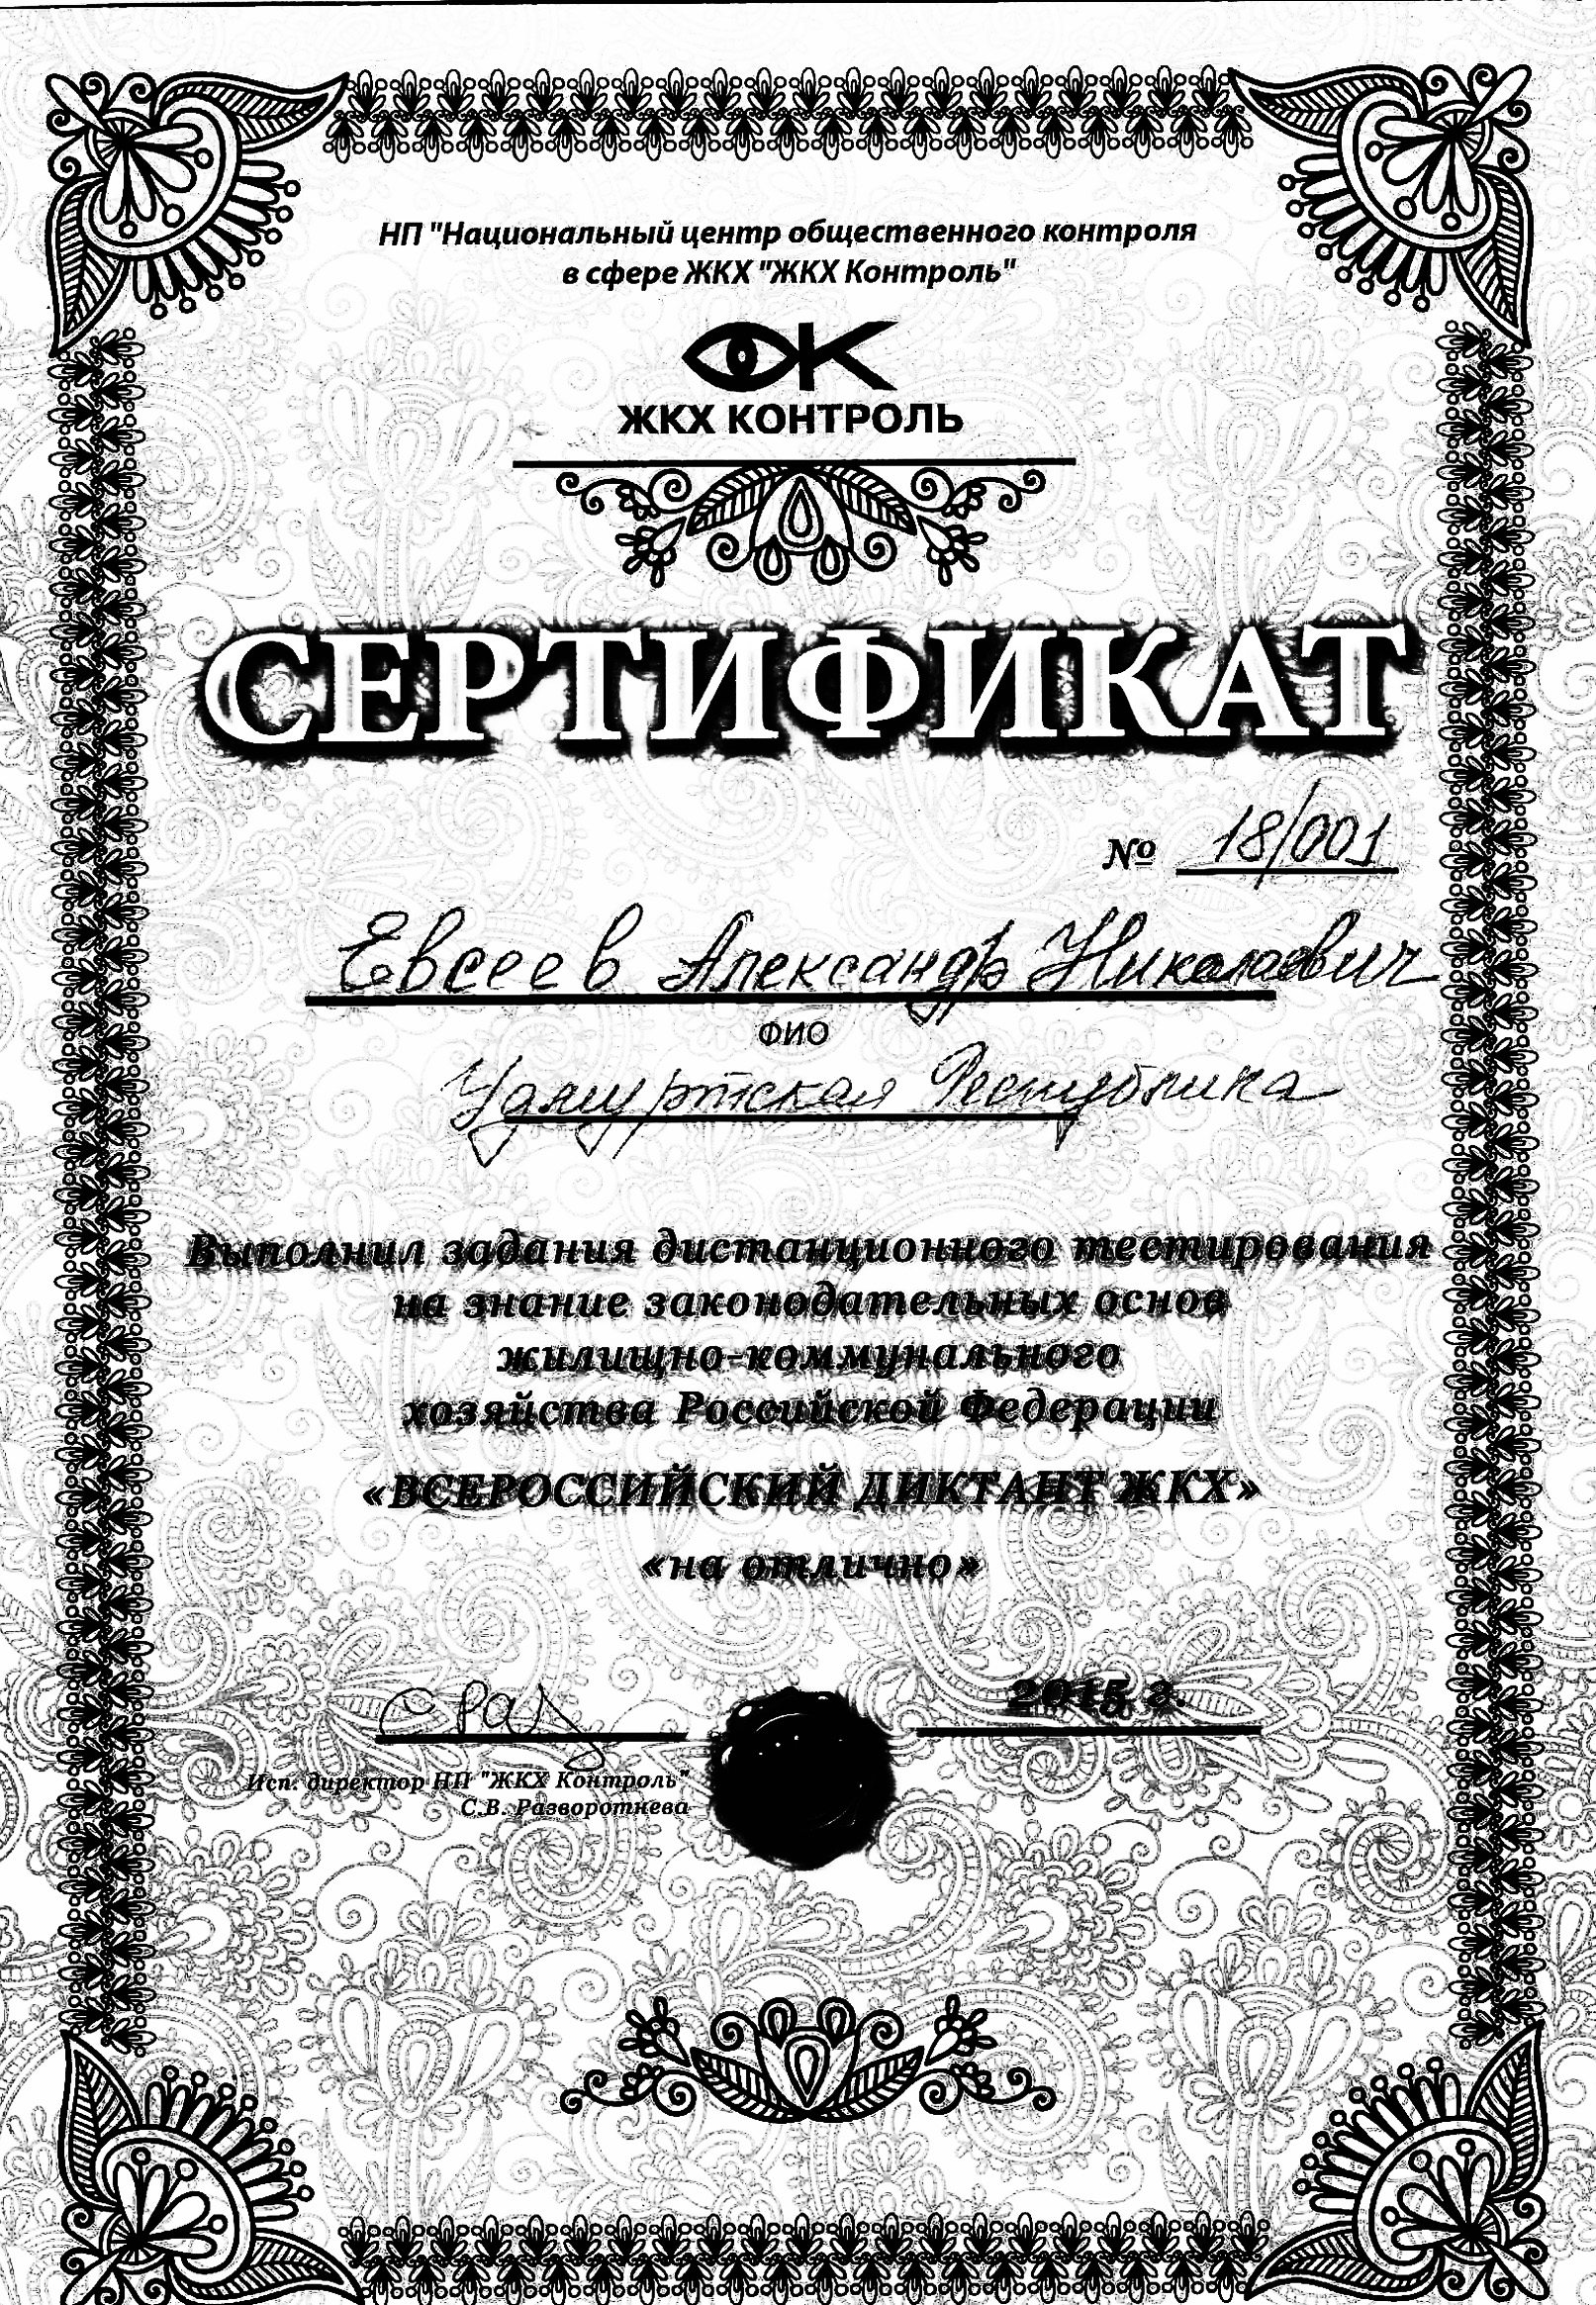 Сертификат Диктант ЖКХ-1